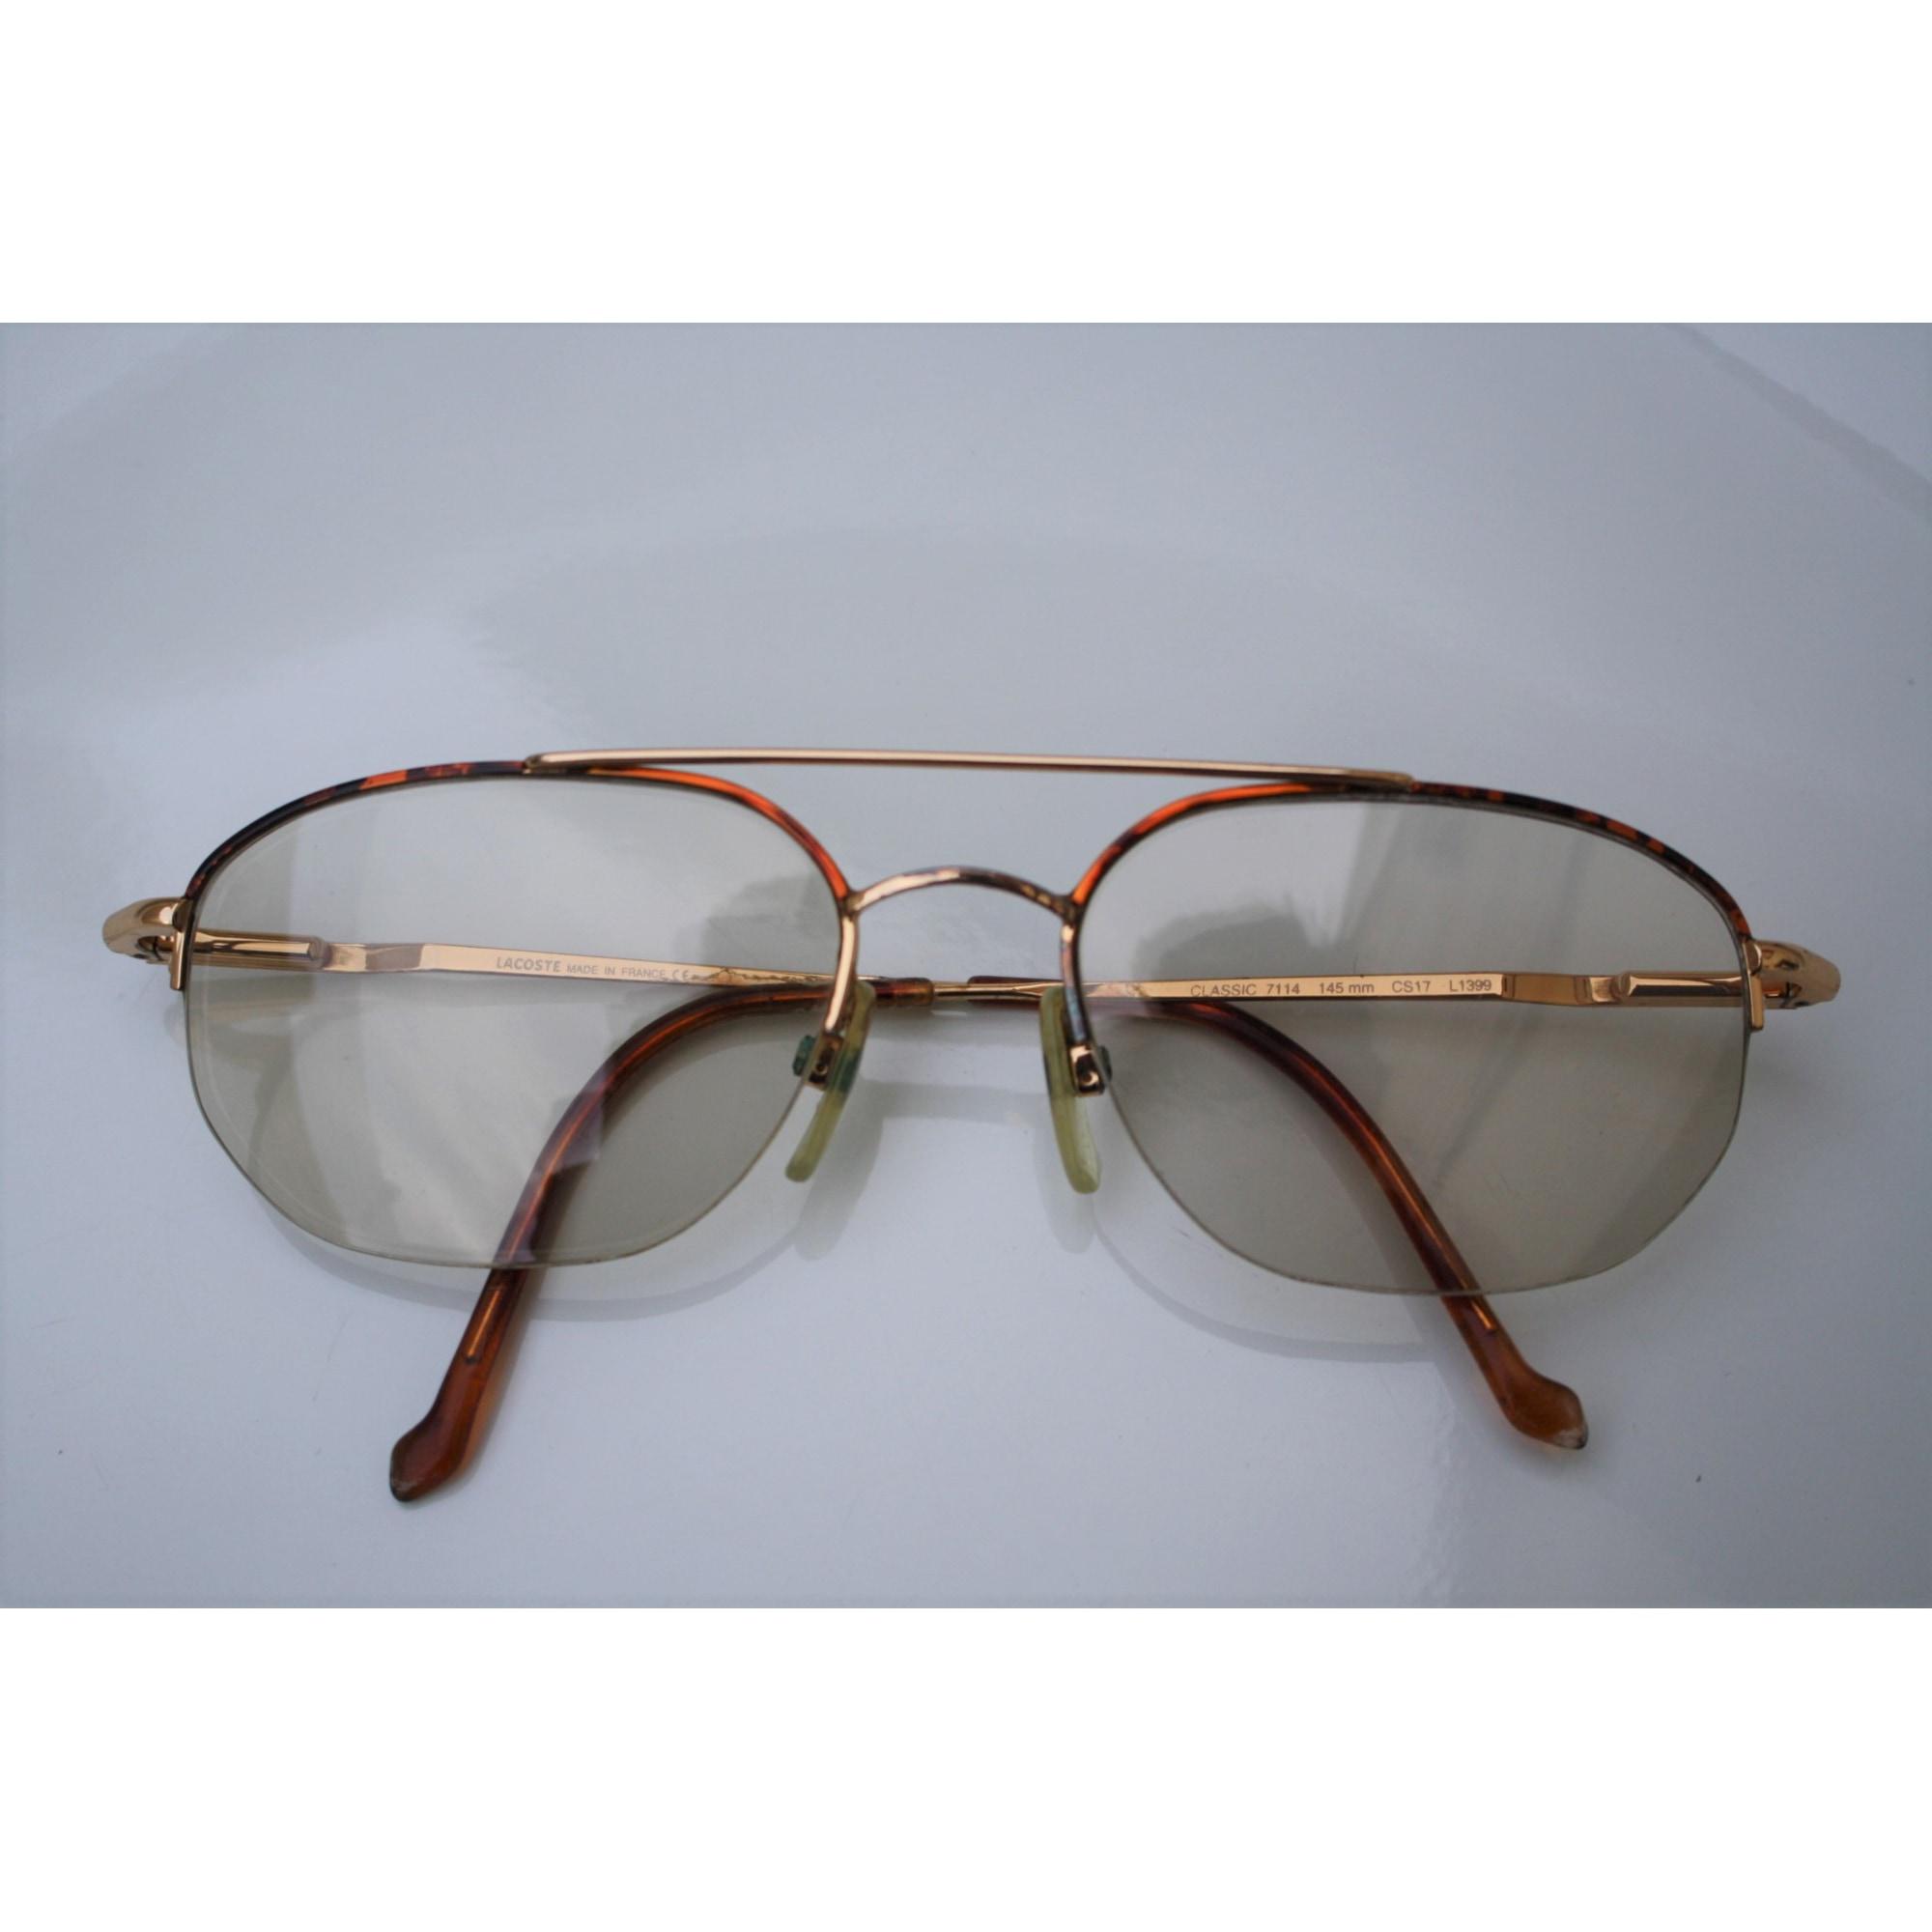 ef08a0735a98ef Monture de lunettes LACOSTE imprimés animaliers - 6145824